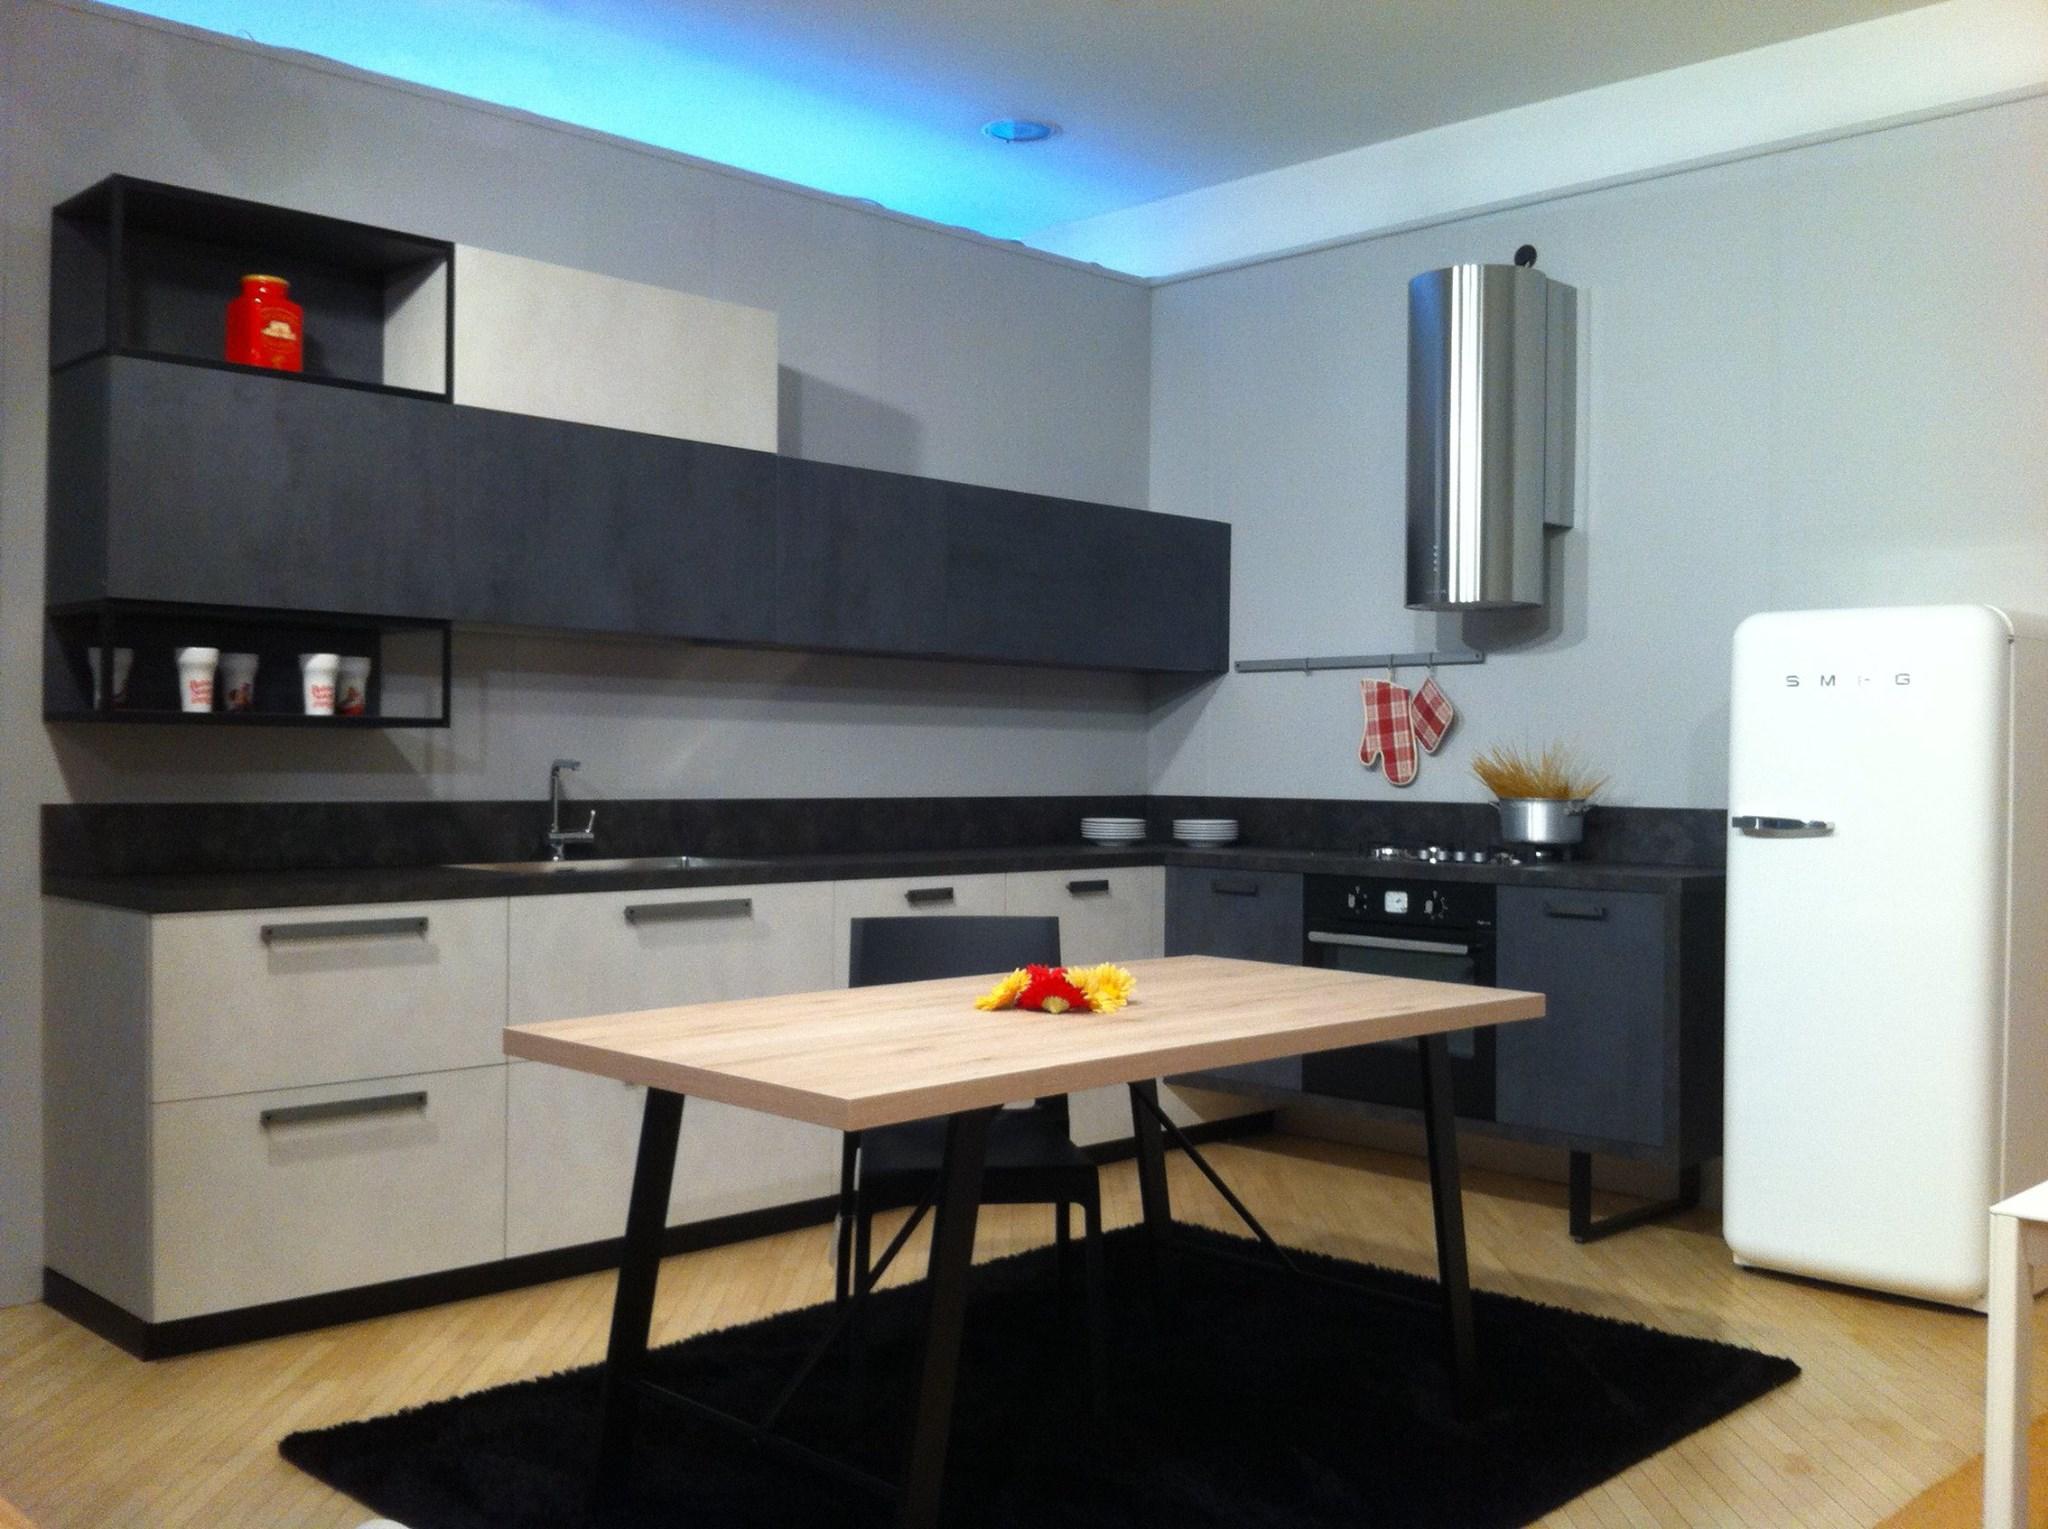 Nuova cucina con design metropolitano schio thiene for Arredamenti vicenza